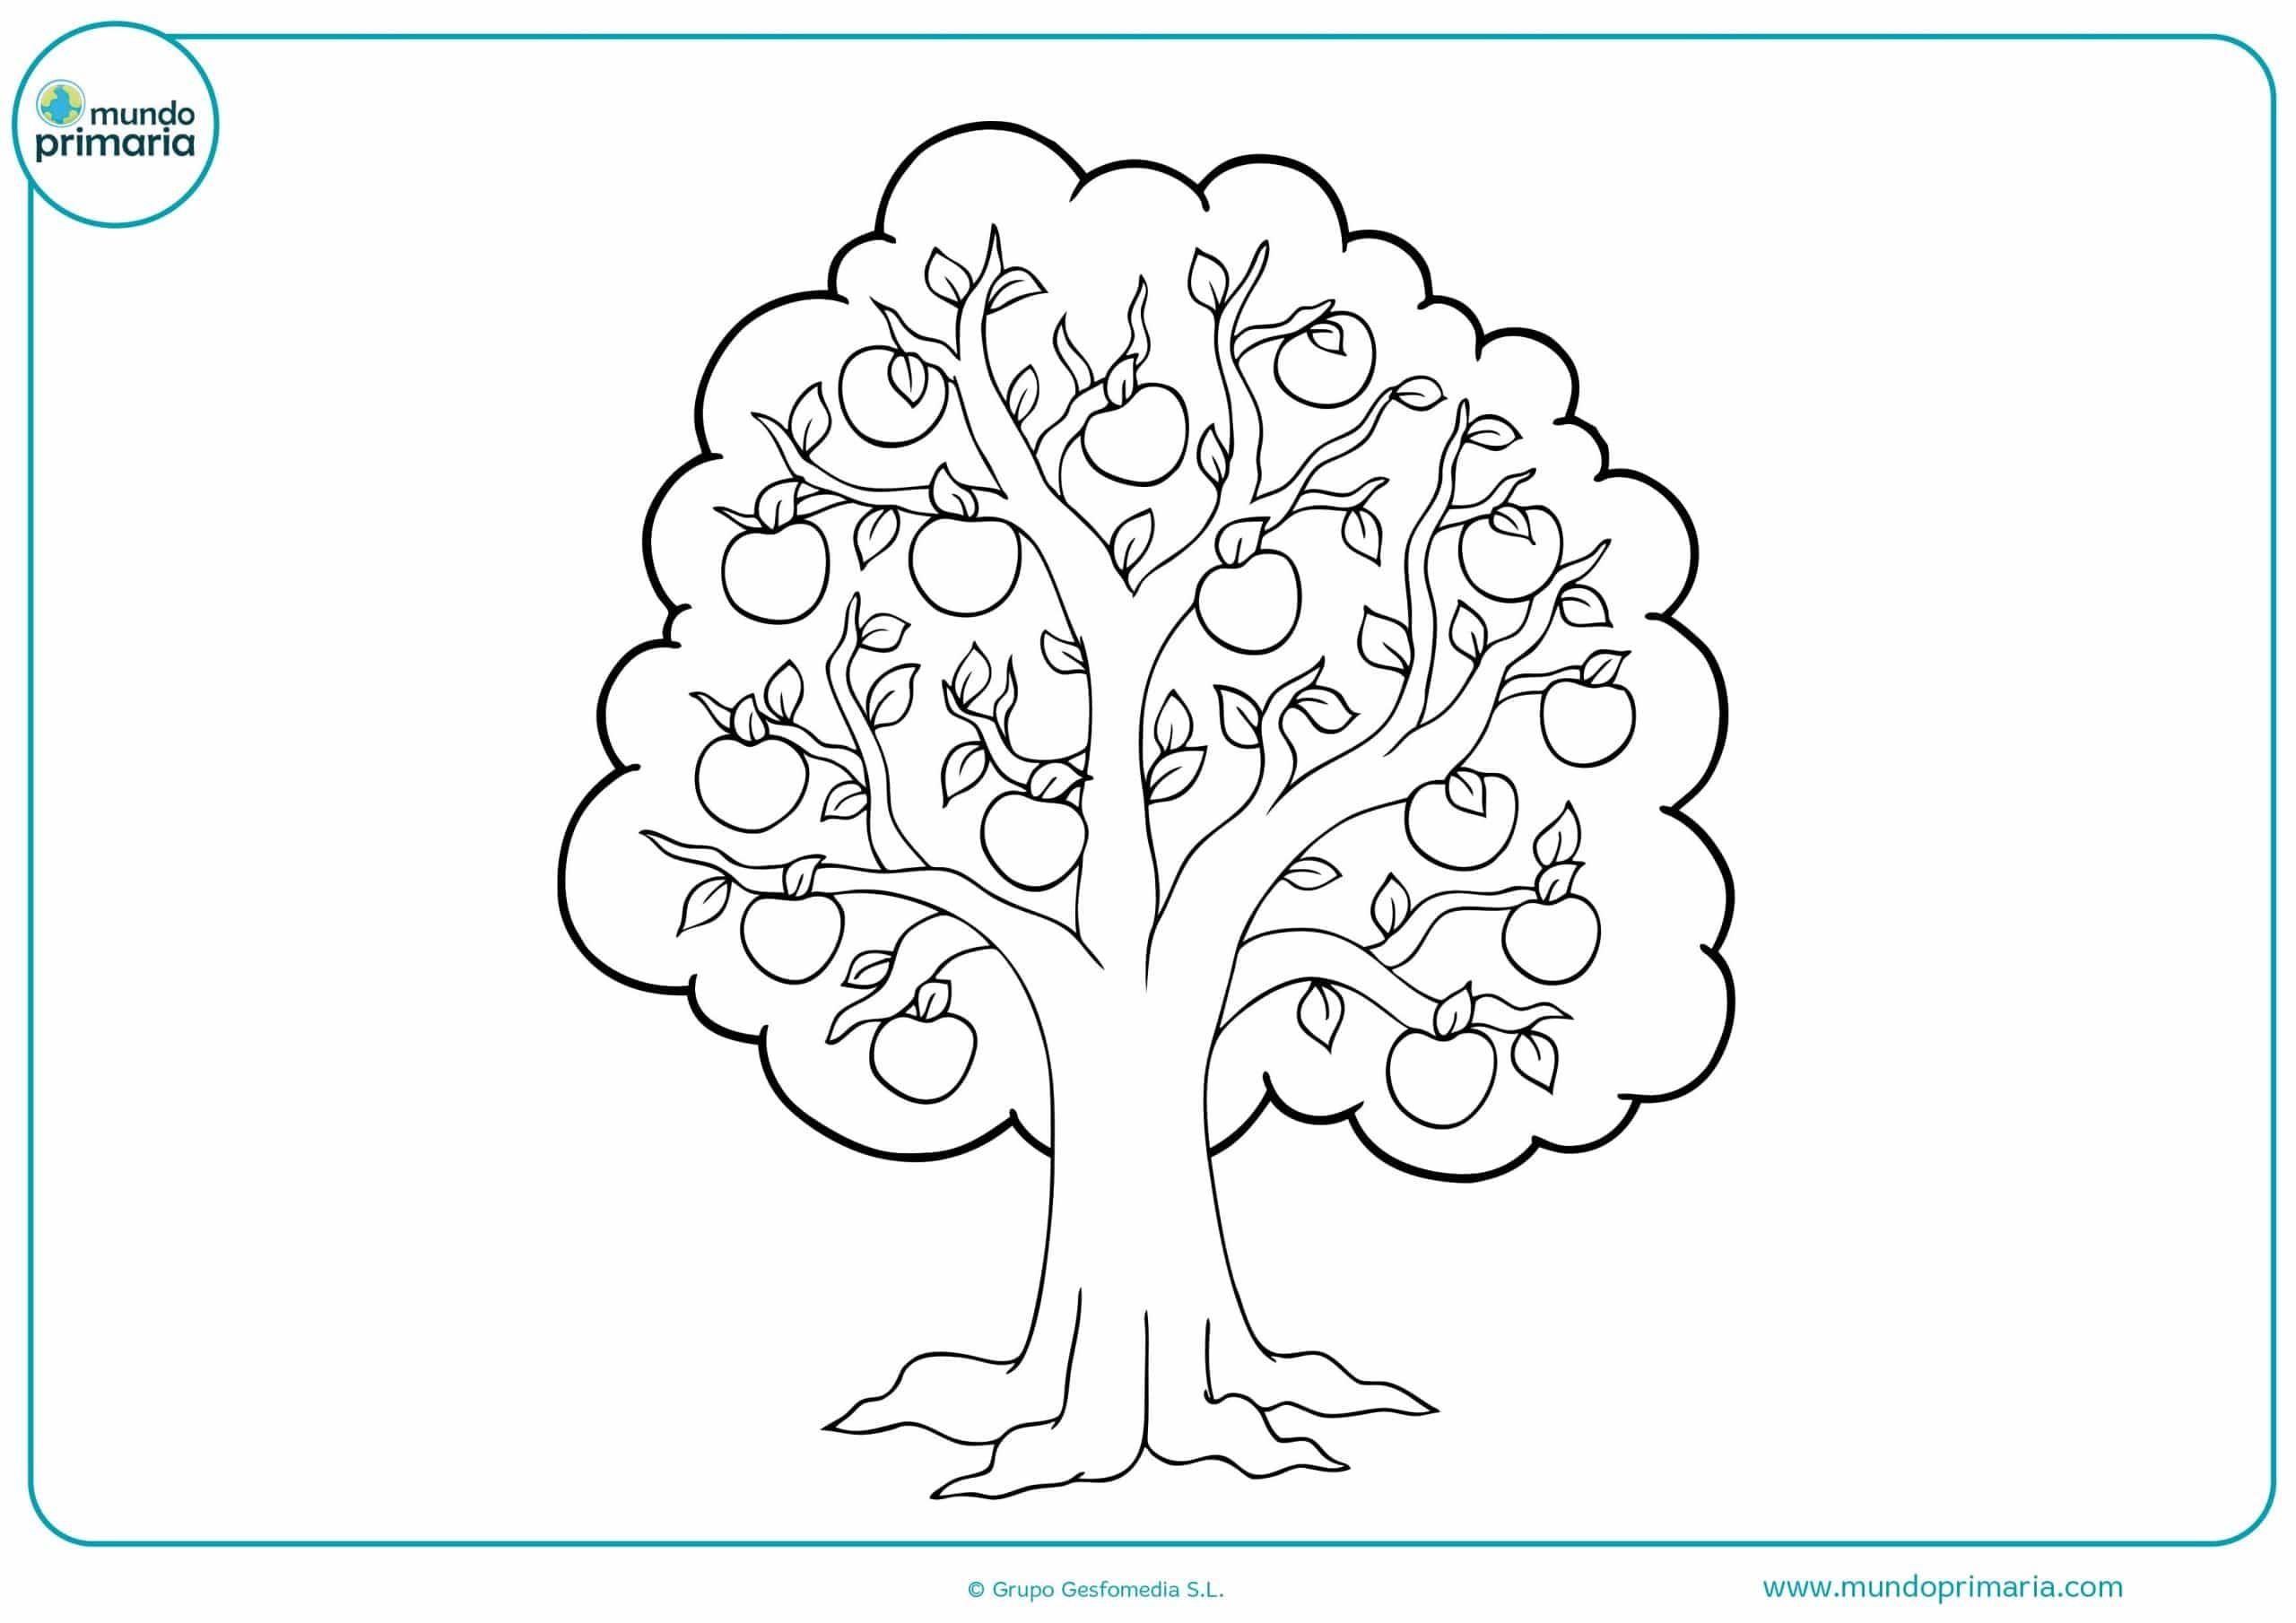 Impresionante Dibujos Para Colorear De Flores Y Arboles | Colore Ar ...